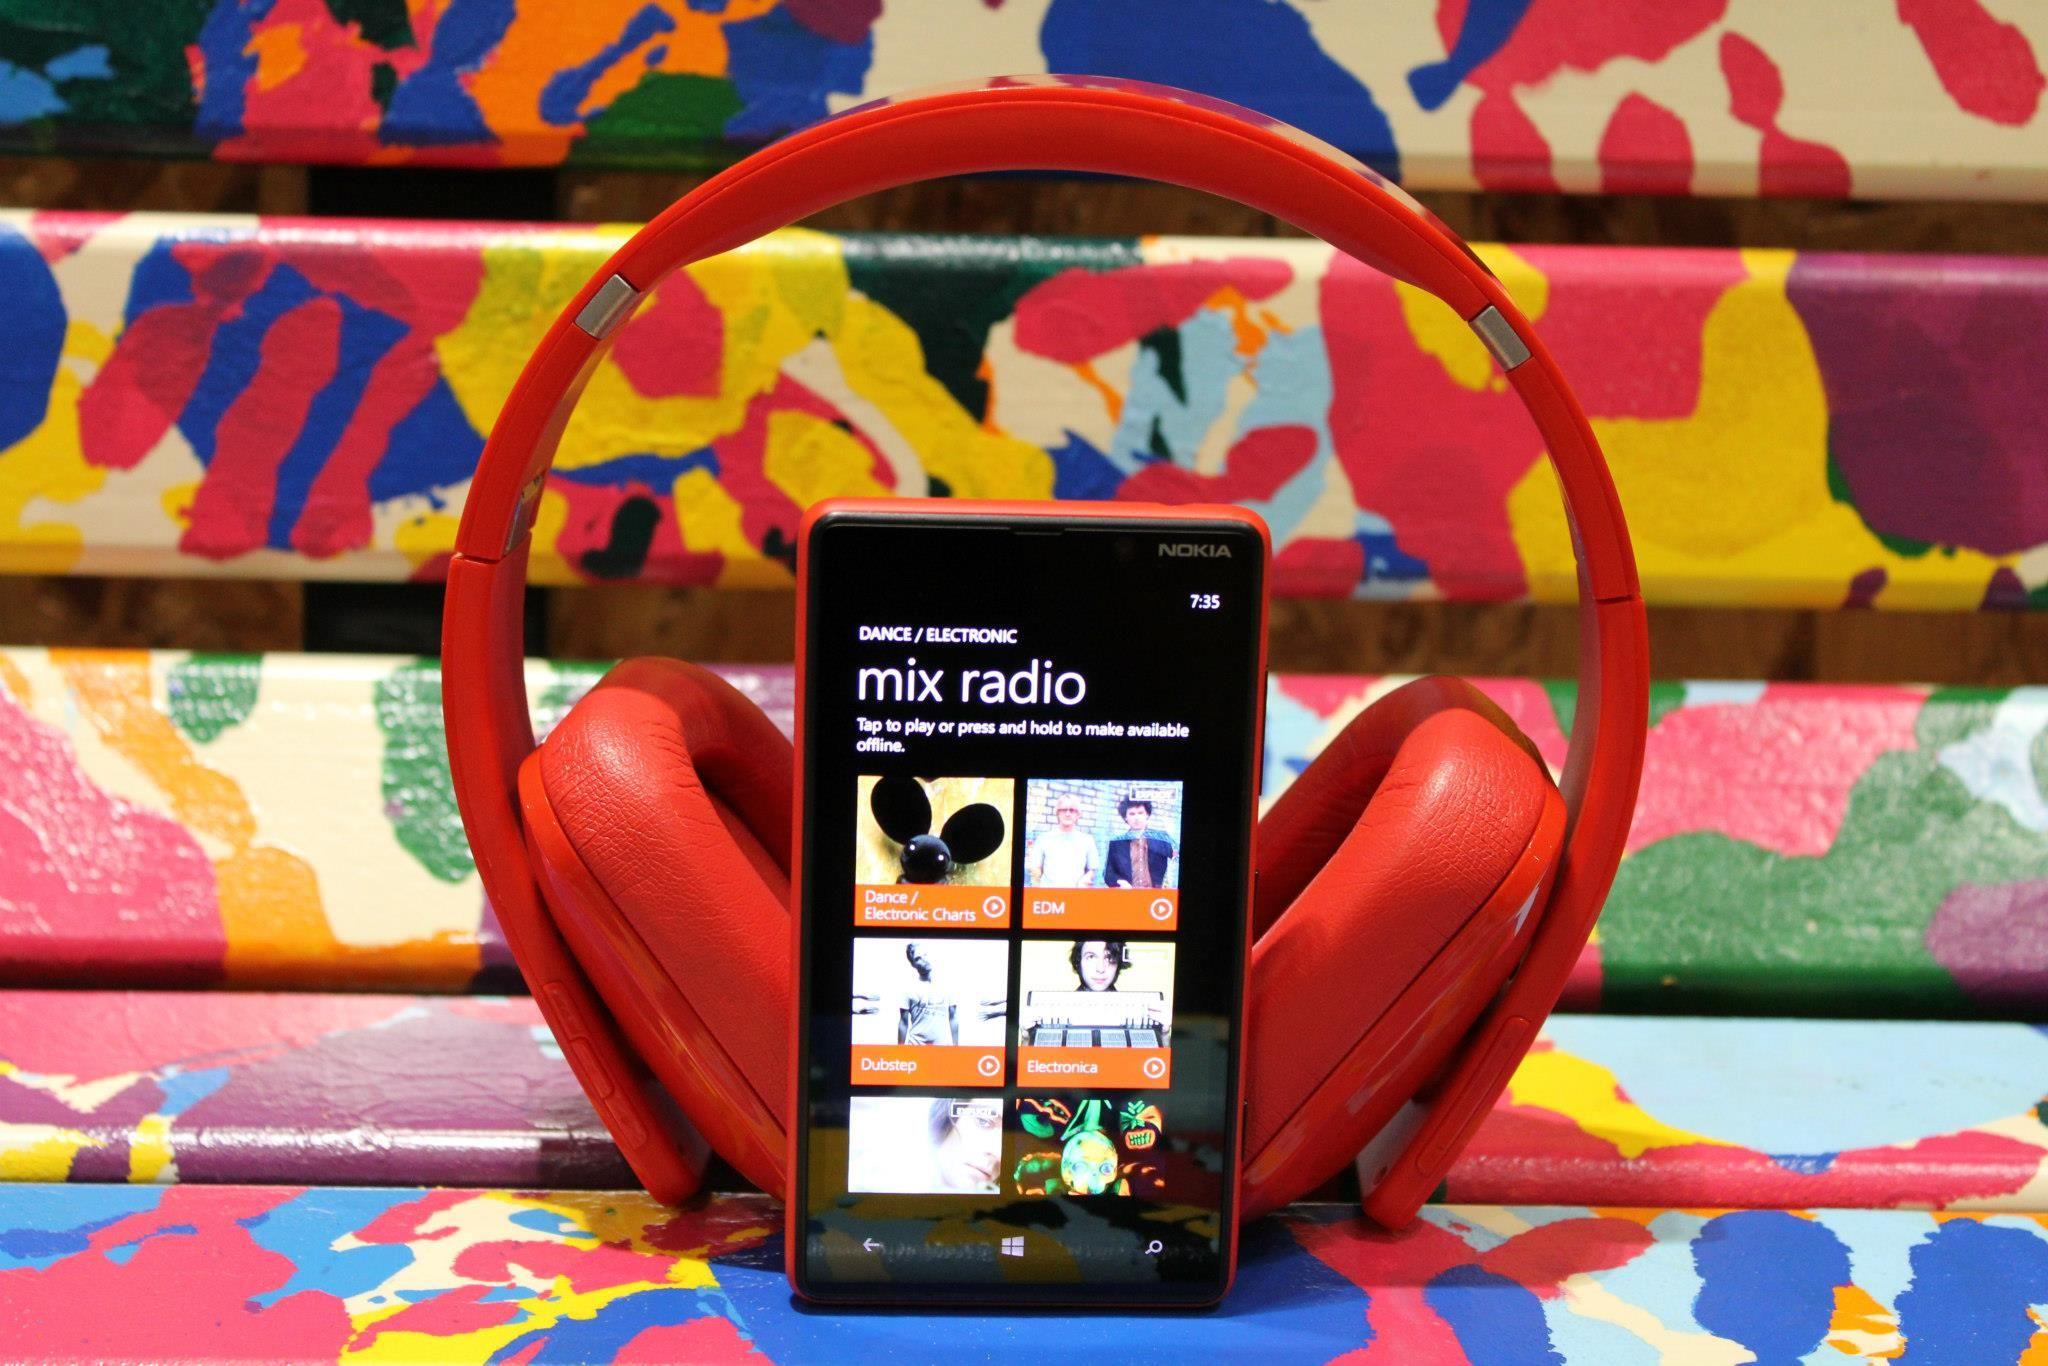 #Nokia #Lumia #820 #red #mix #radio